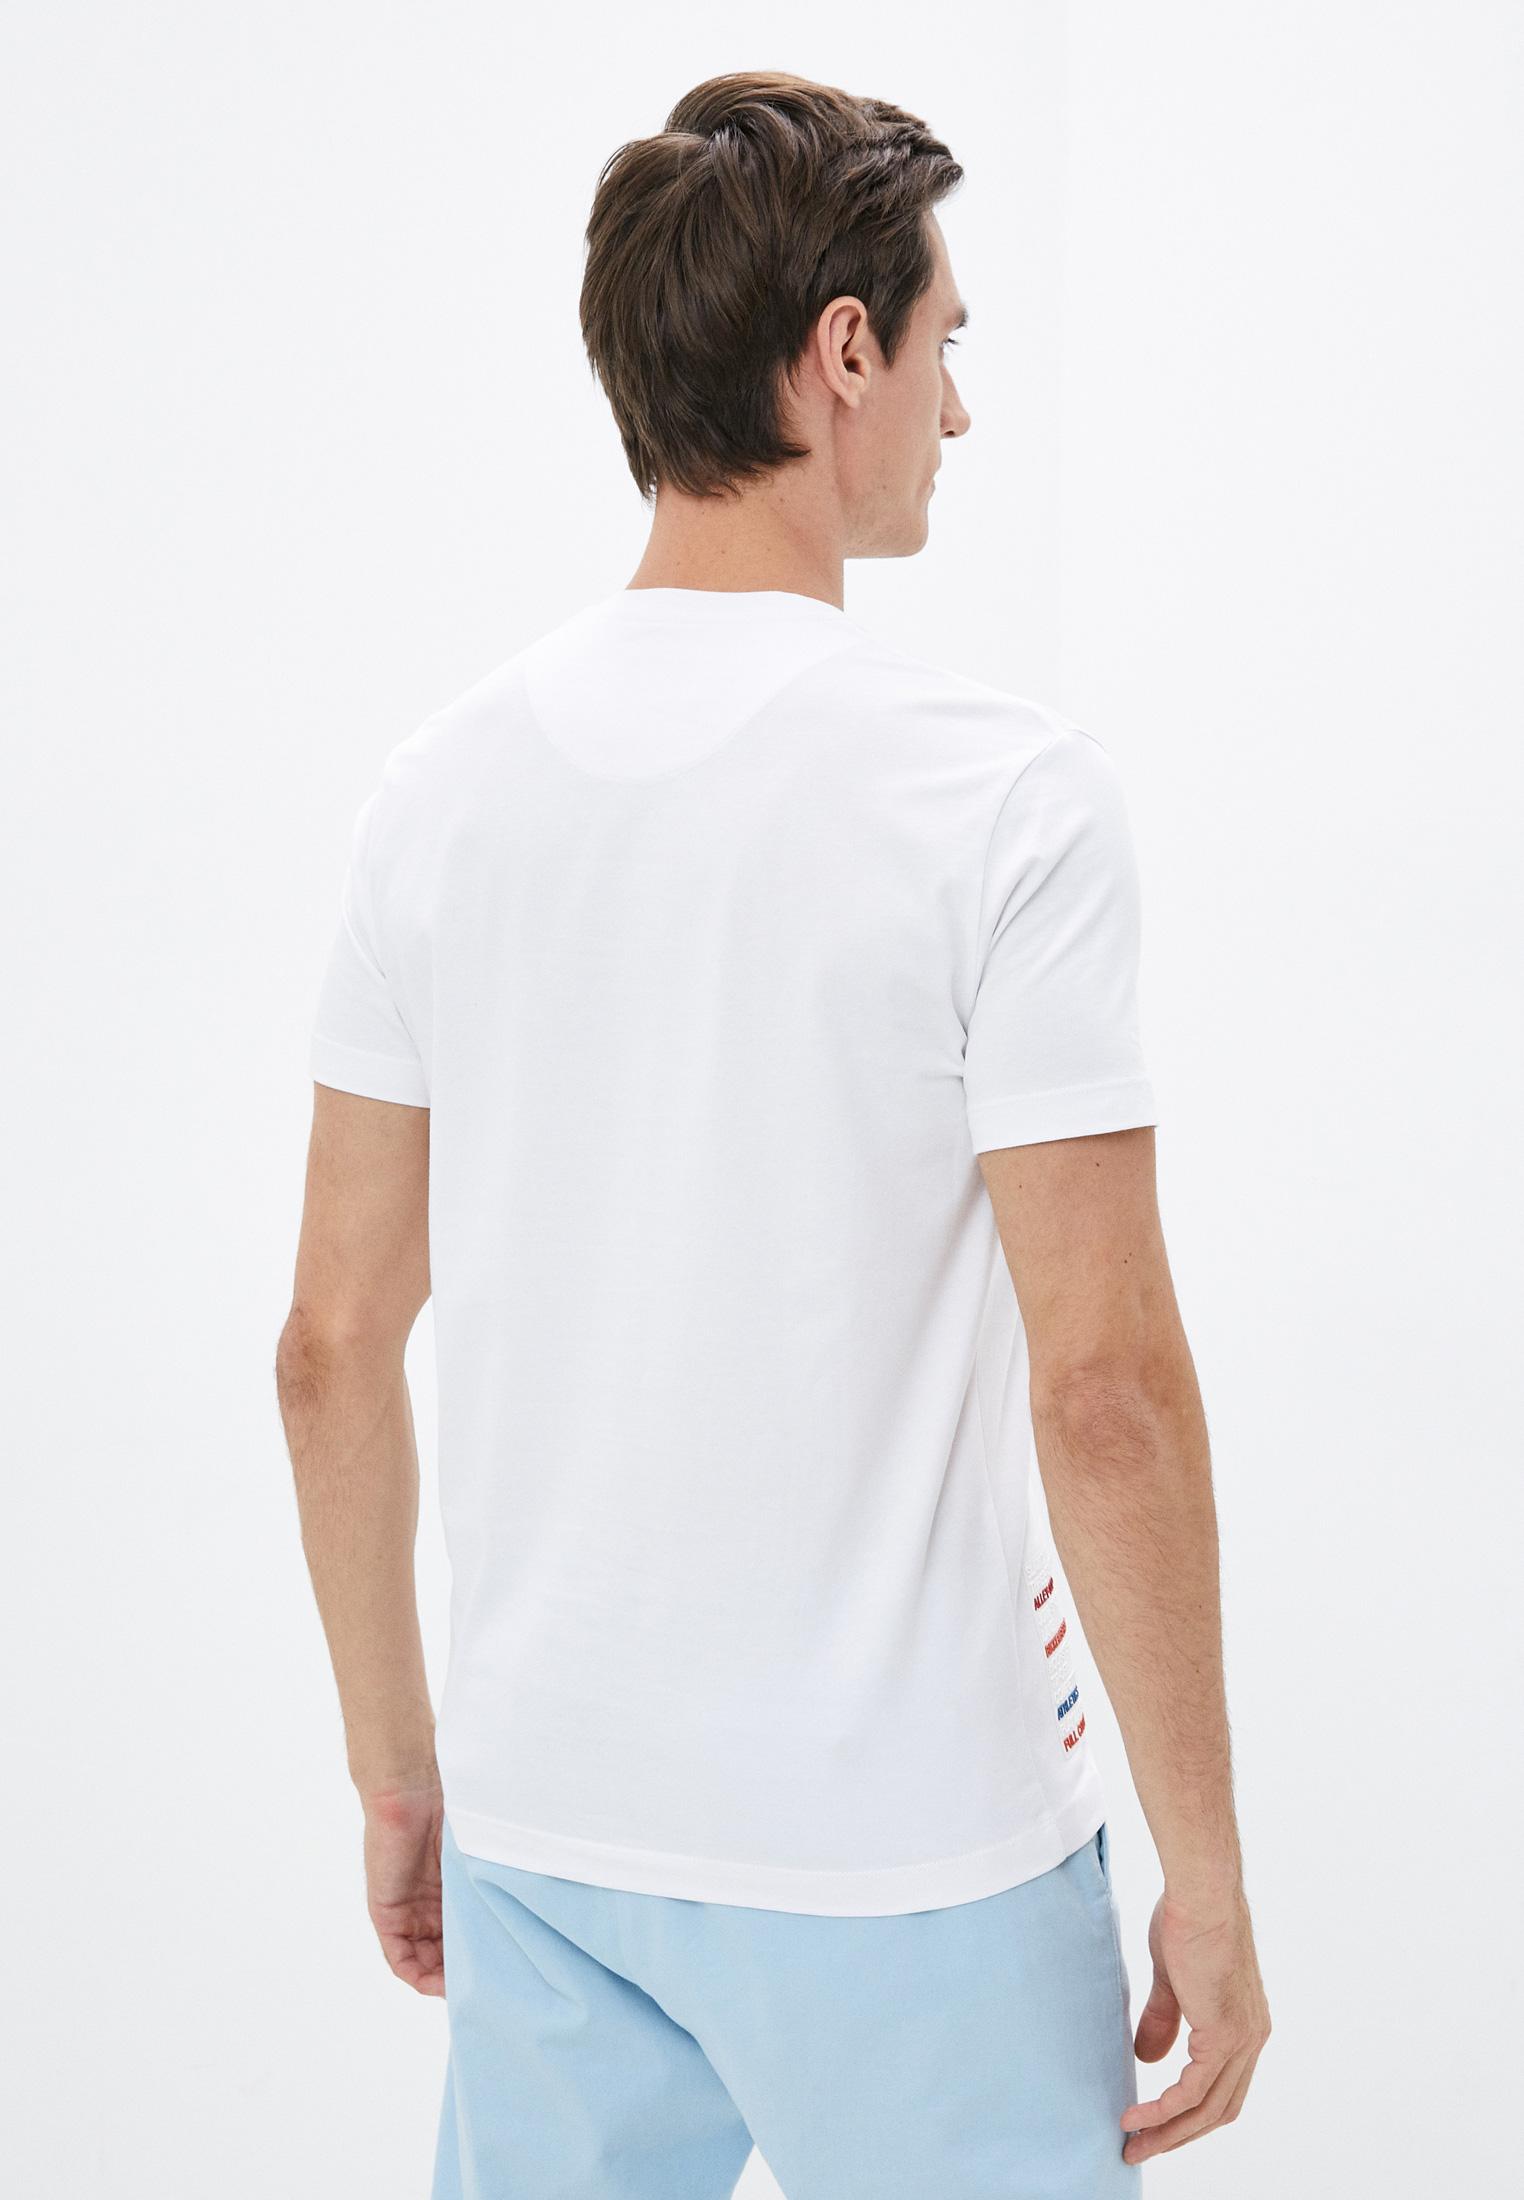 Мужская футболка Bikkembergs (Биккембергс) C 7 021 8R E 1951: изображение 4